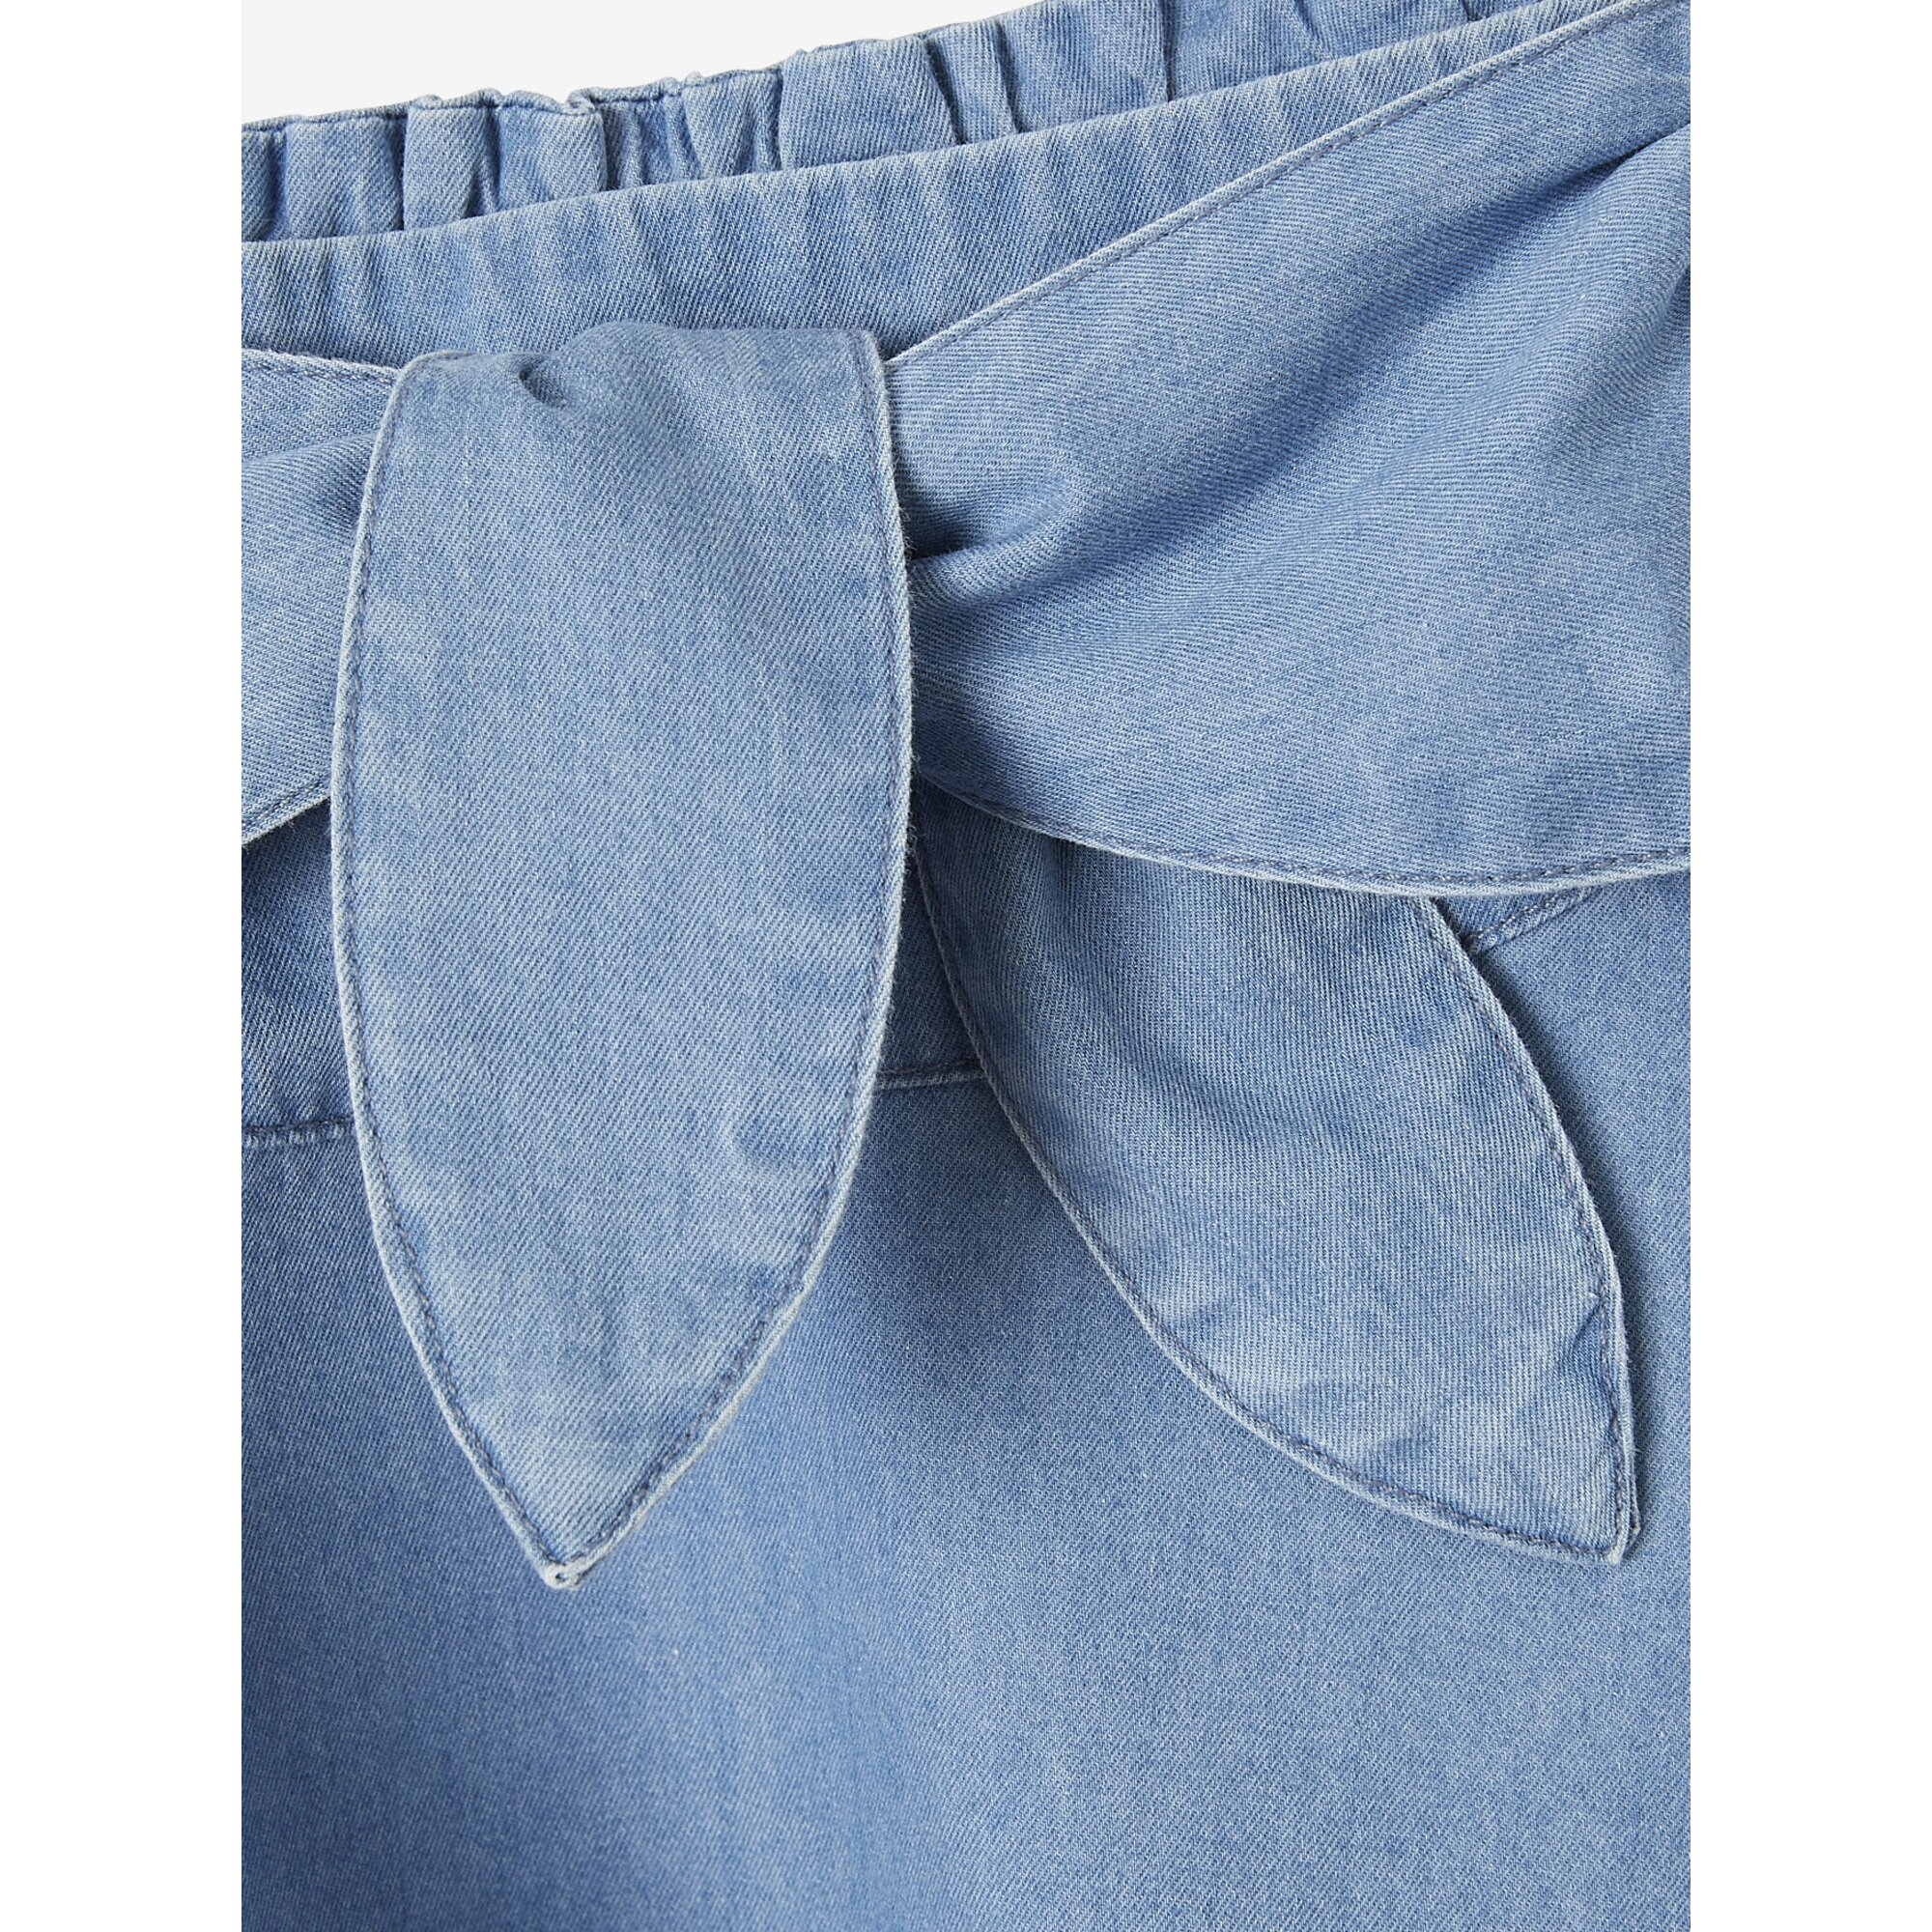 vertbaudet-madchen-jeansrock-mit-bindegurtel